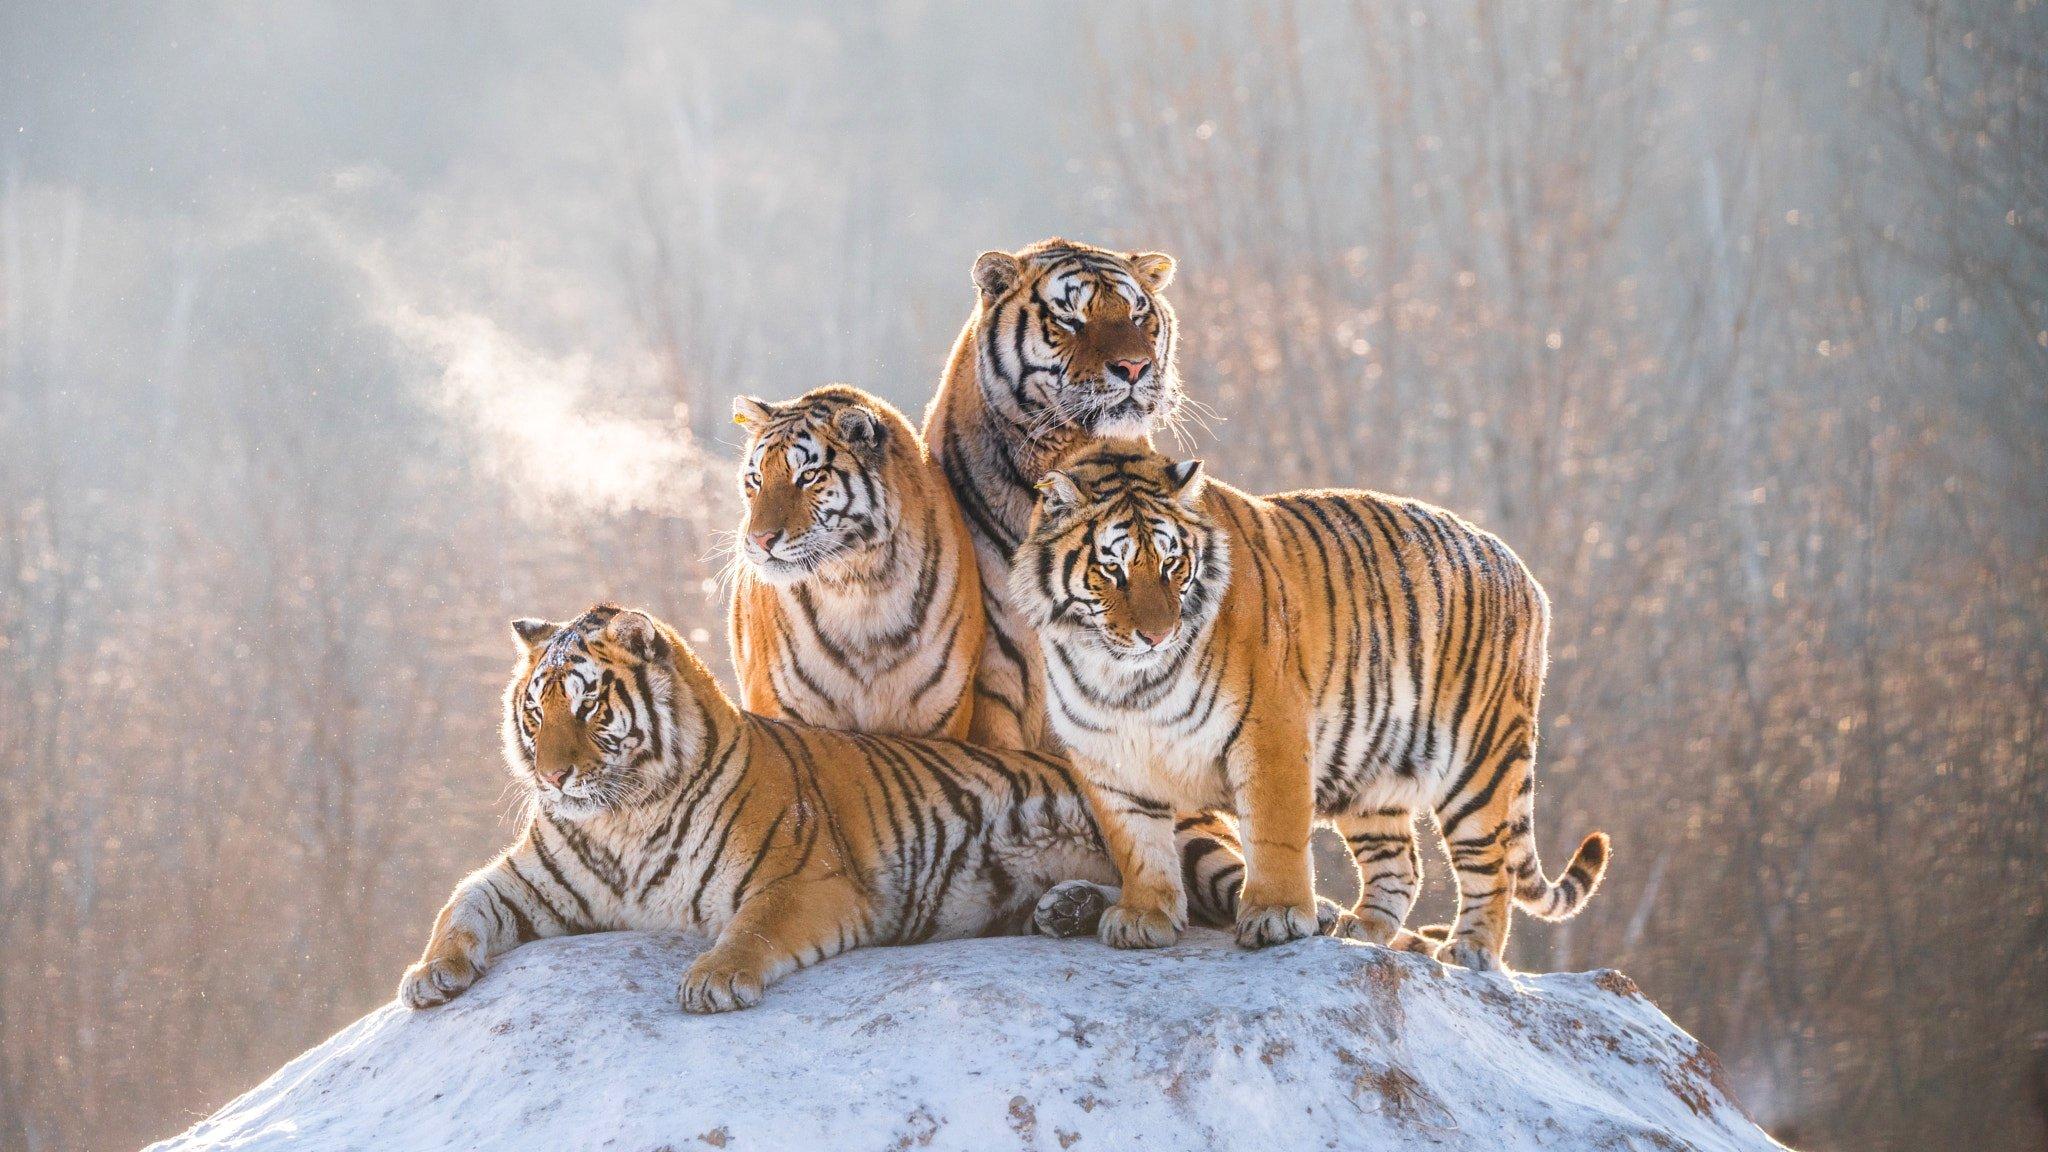 प्रधानमंत्री मोदी ने 'अंतर्राष्ट्रीय टाइगर डे' पर वन्यजीव प्रेमियों को बधाई दी